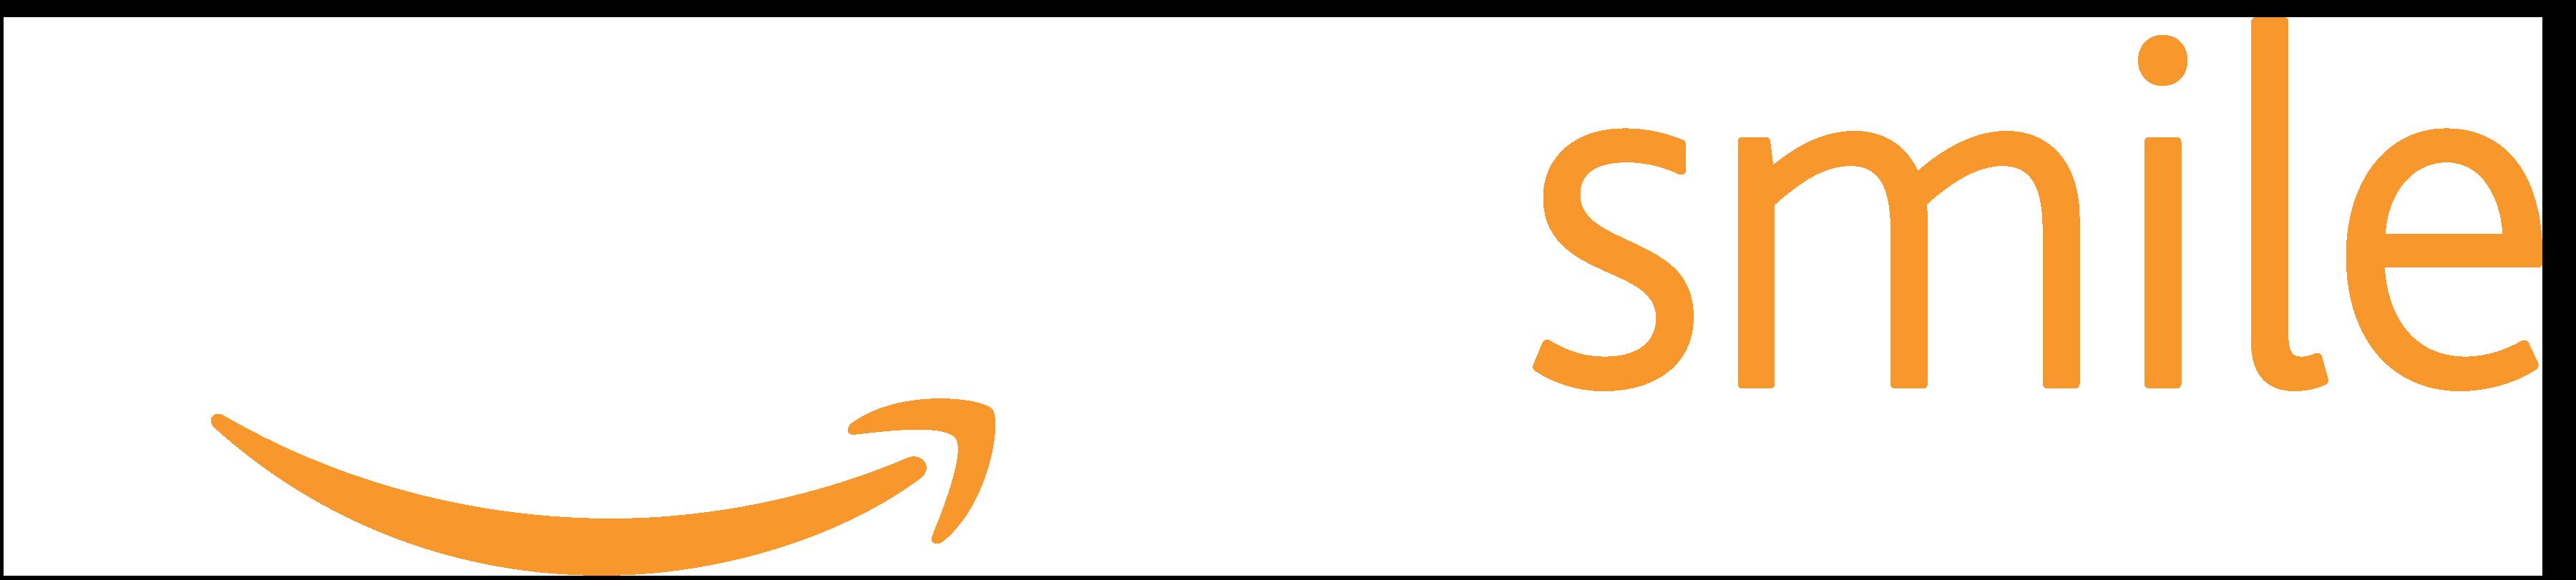 amazon_smile_logo_white